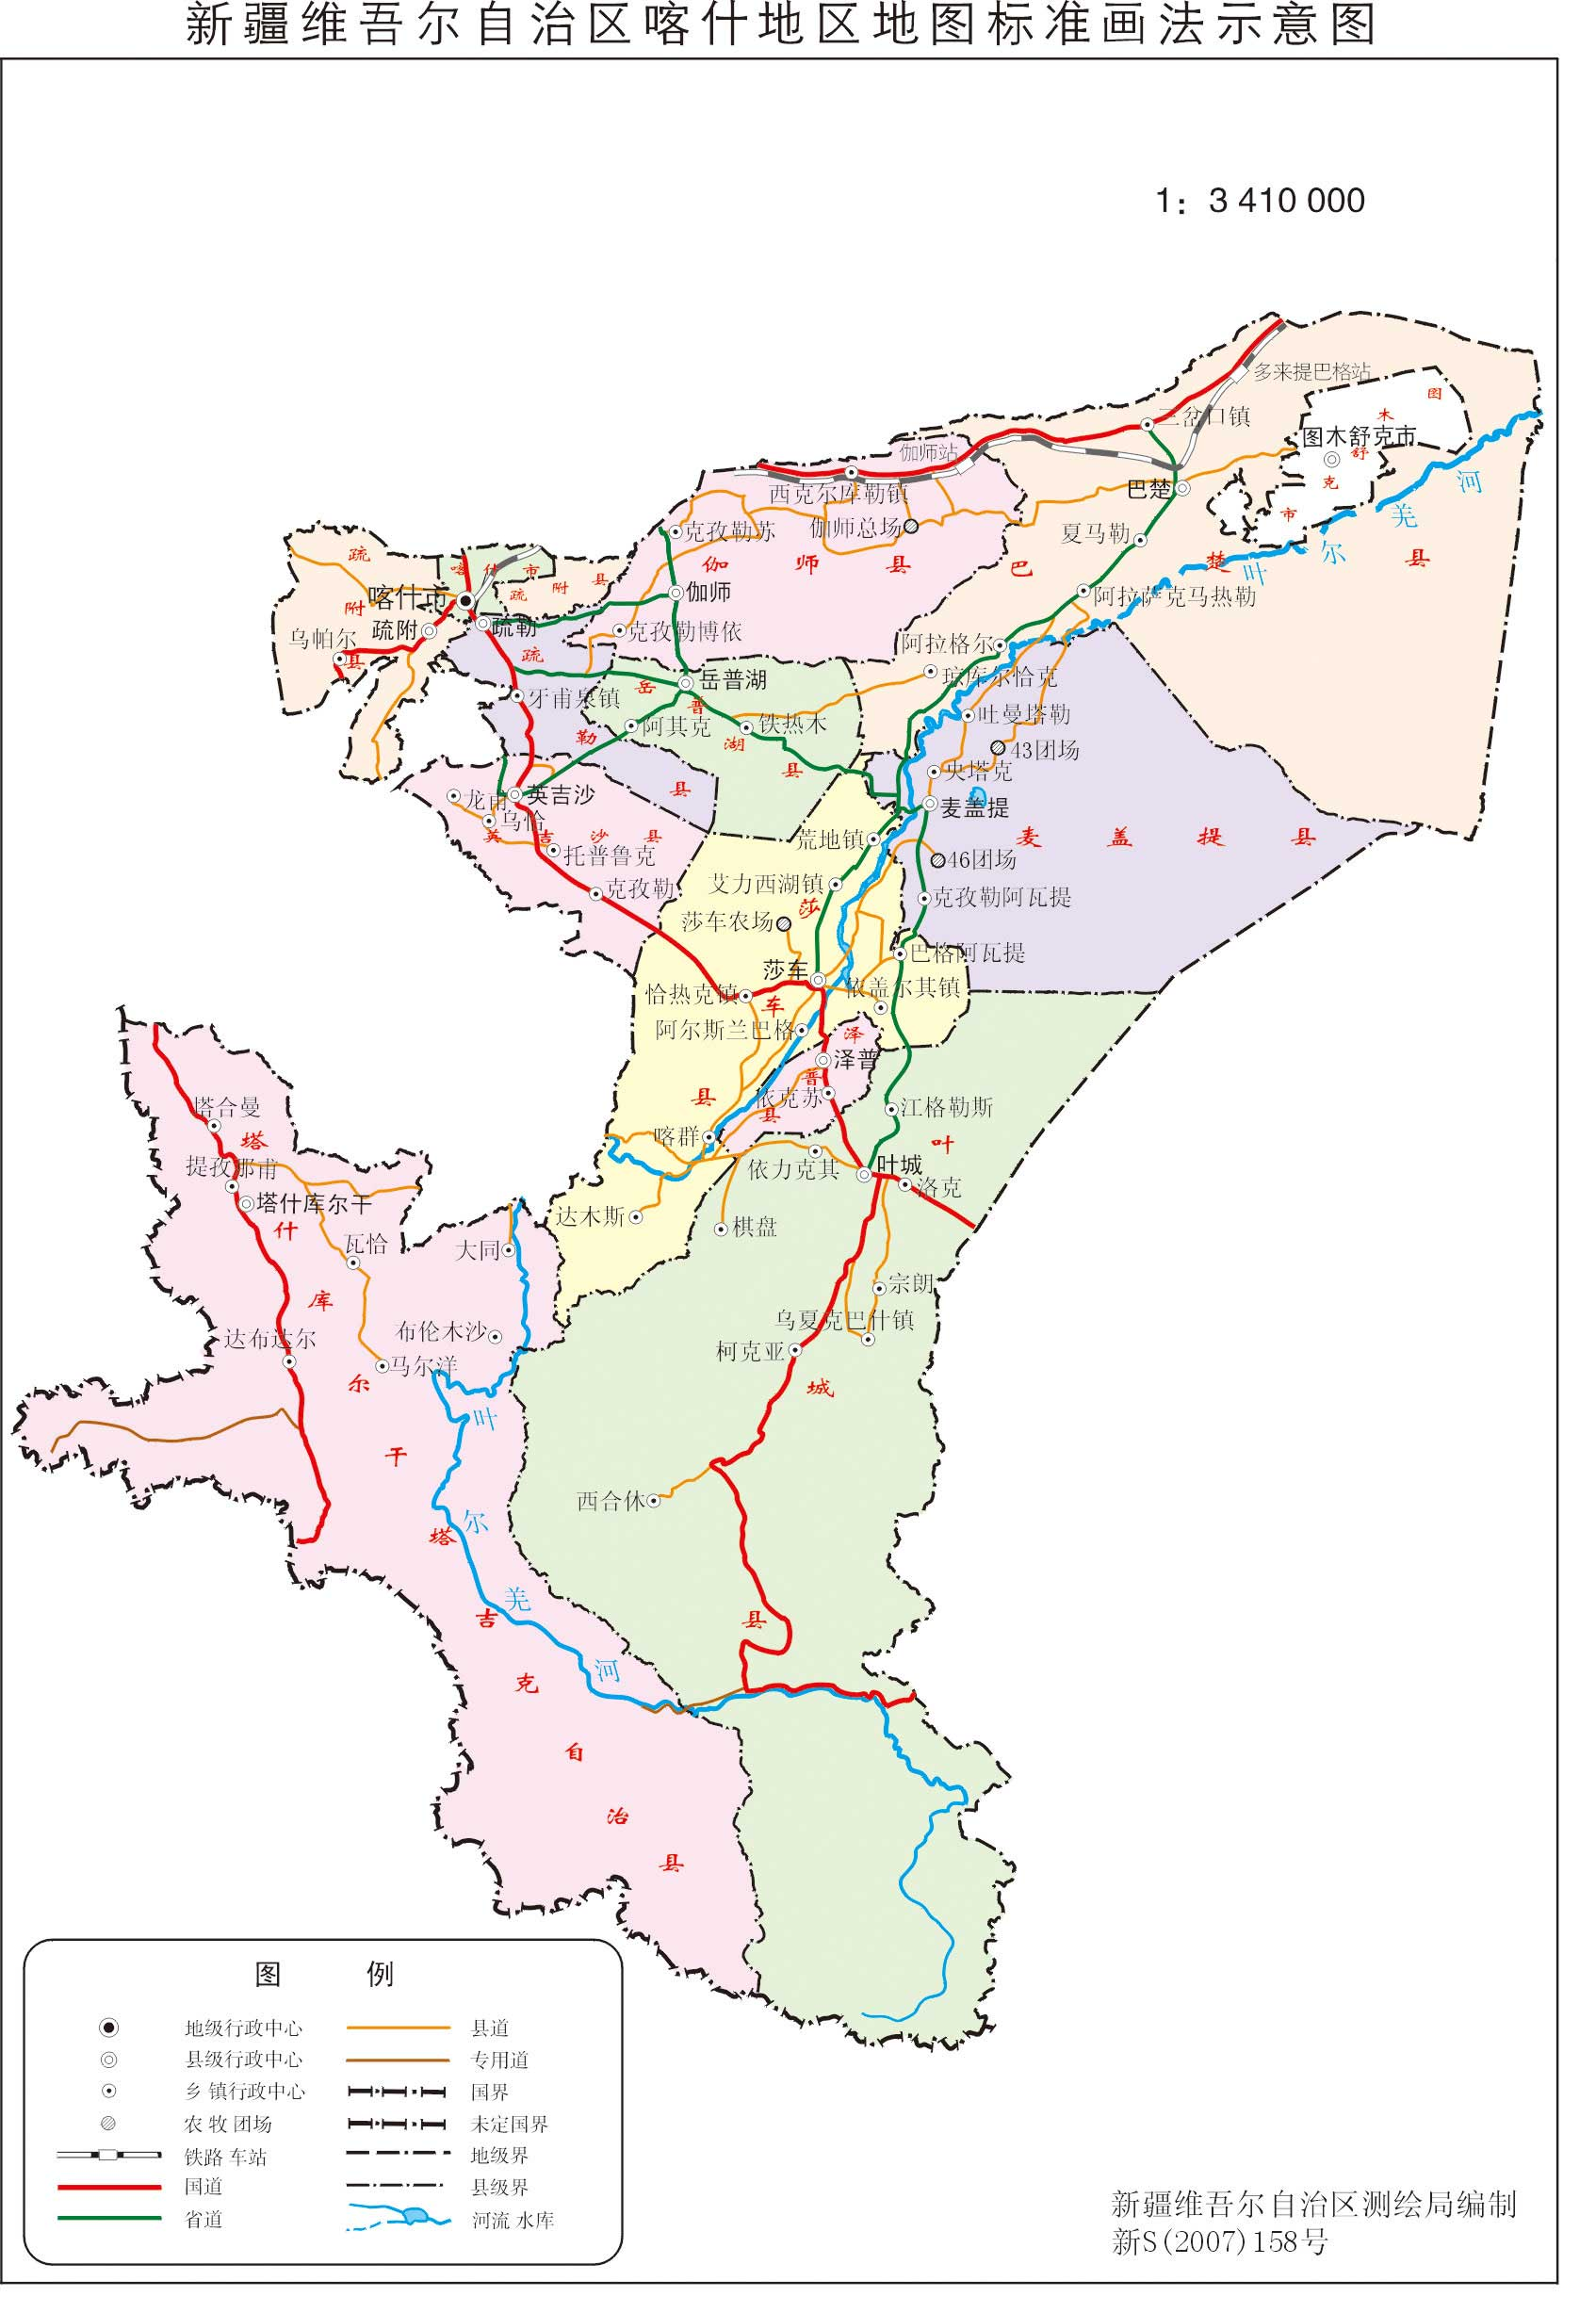 新疆喀什地区政区地图